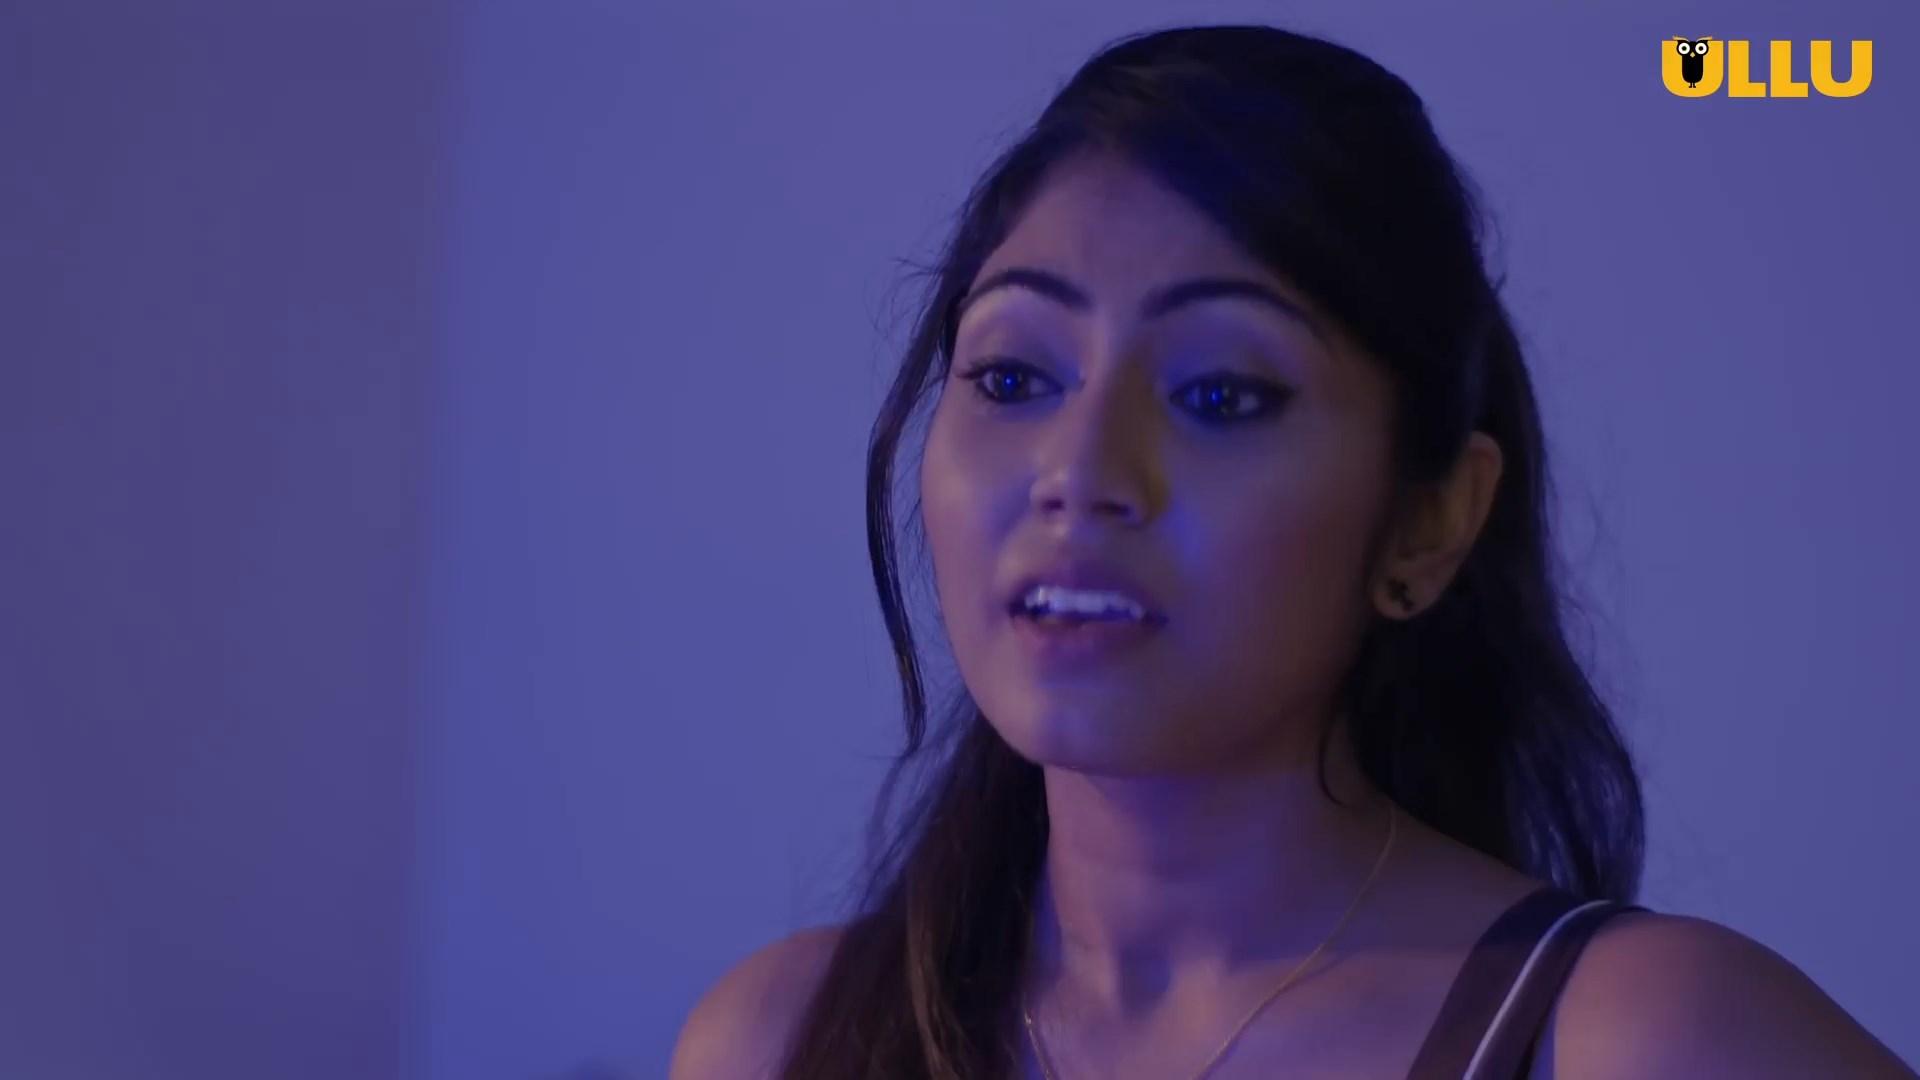 SLIP Part 2 (2020) S01 ULLU Originals Hindi Web Series